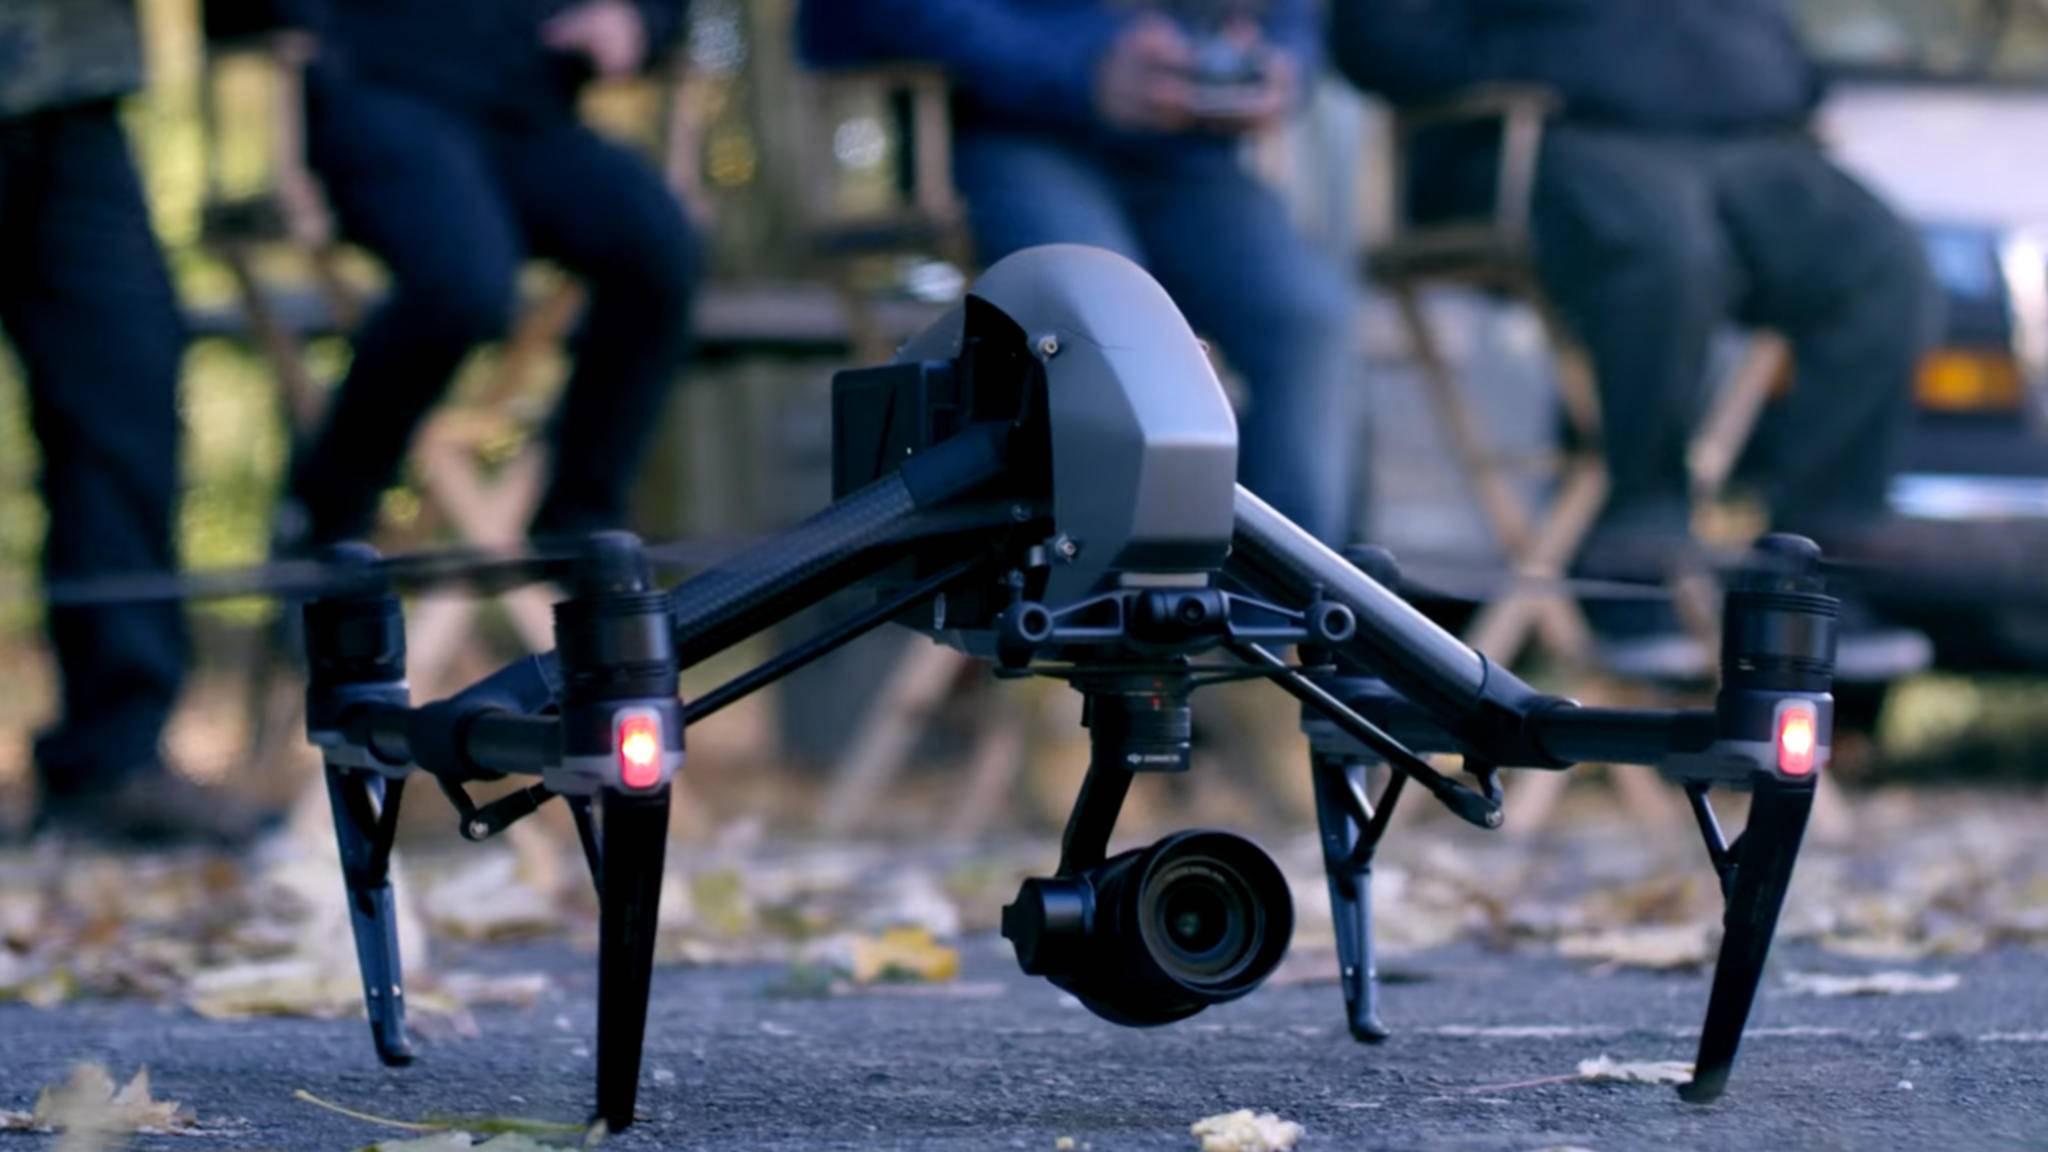 Eifert Snapchat bald DJI nach und bringt eine eigene Drohne auf den Markt?